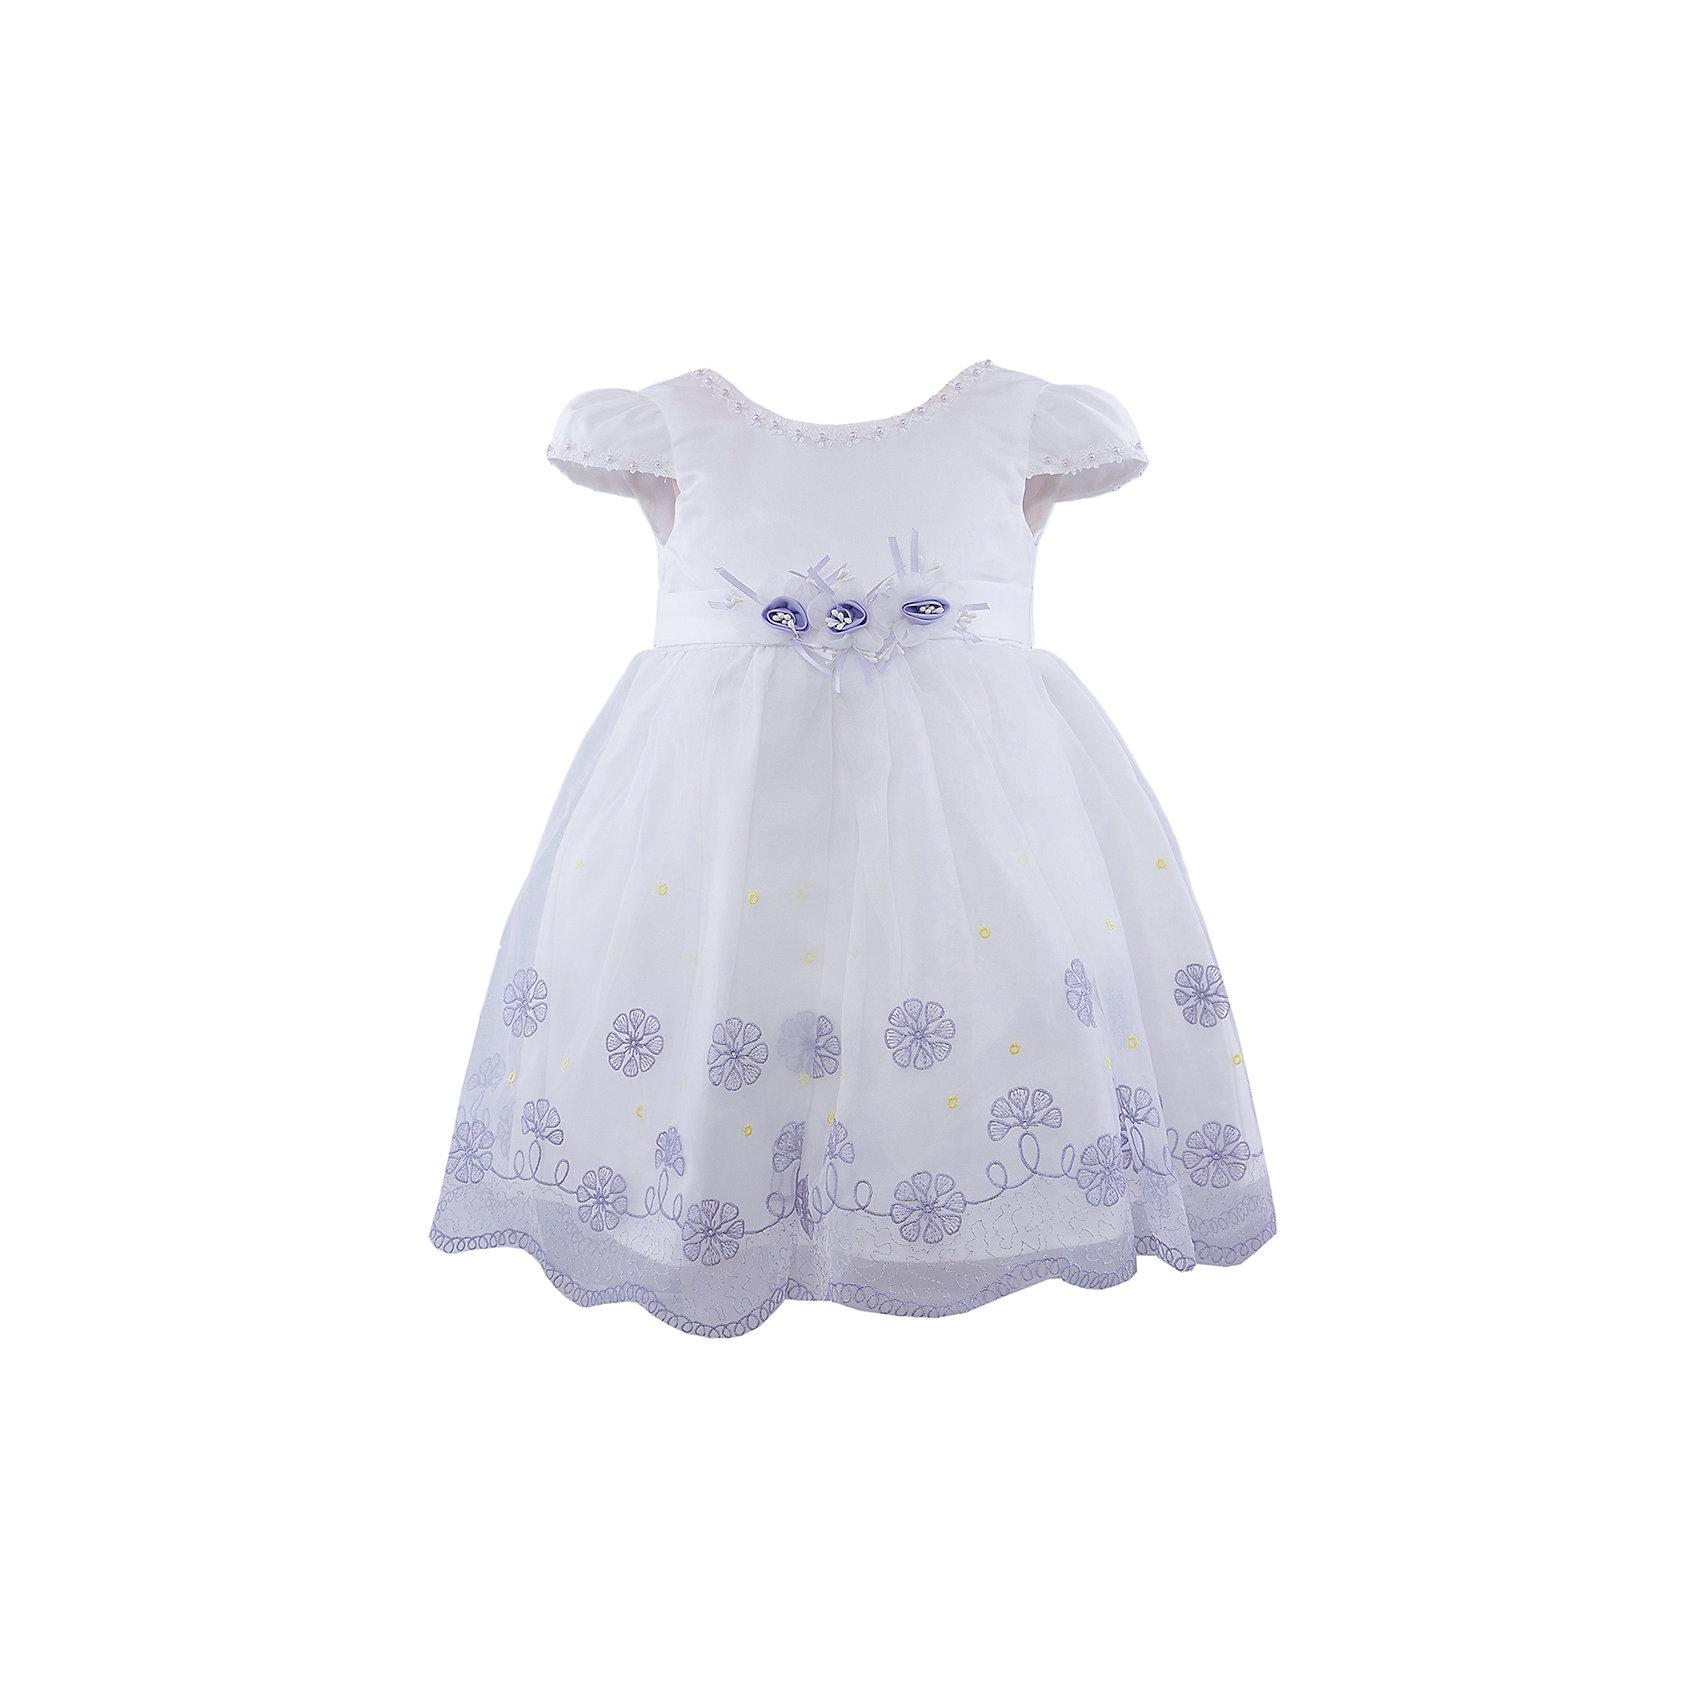 Vitacci Нарядное платье для девочки Vitacci vitacci нарядное платье для девочки vitacci